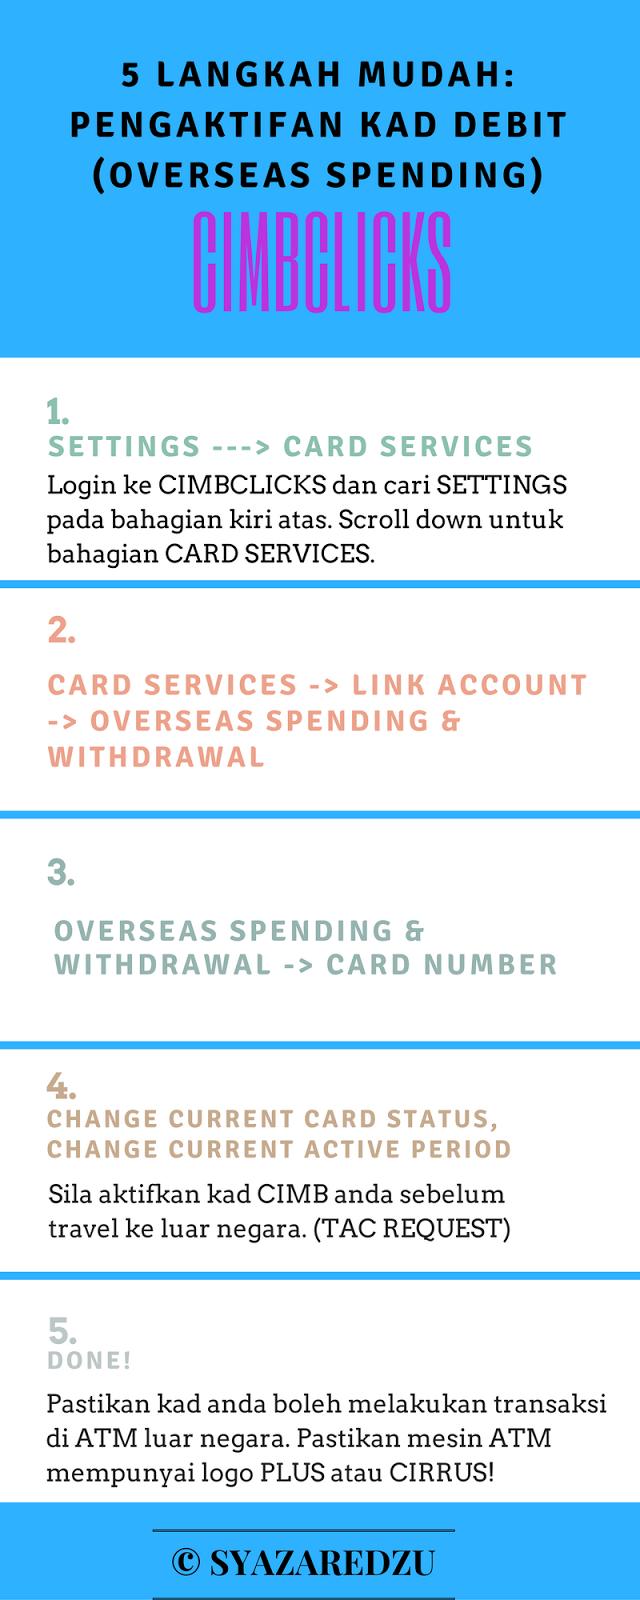 cimbclicks, cimb, atm, debit card, overseas spending